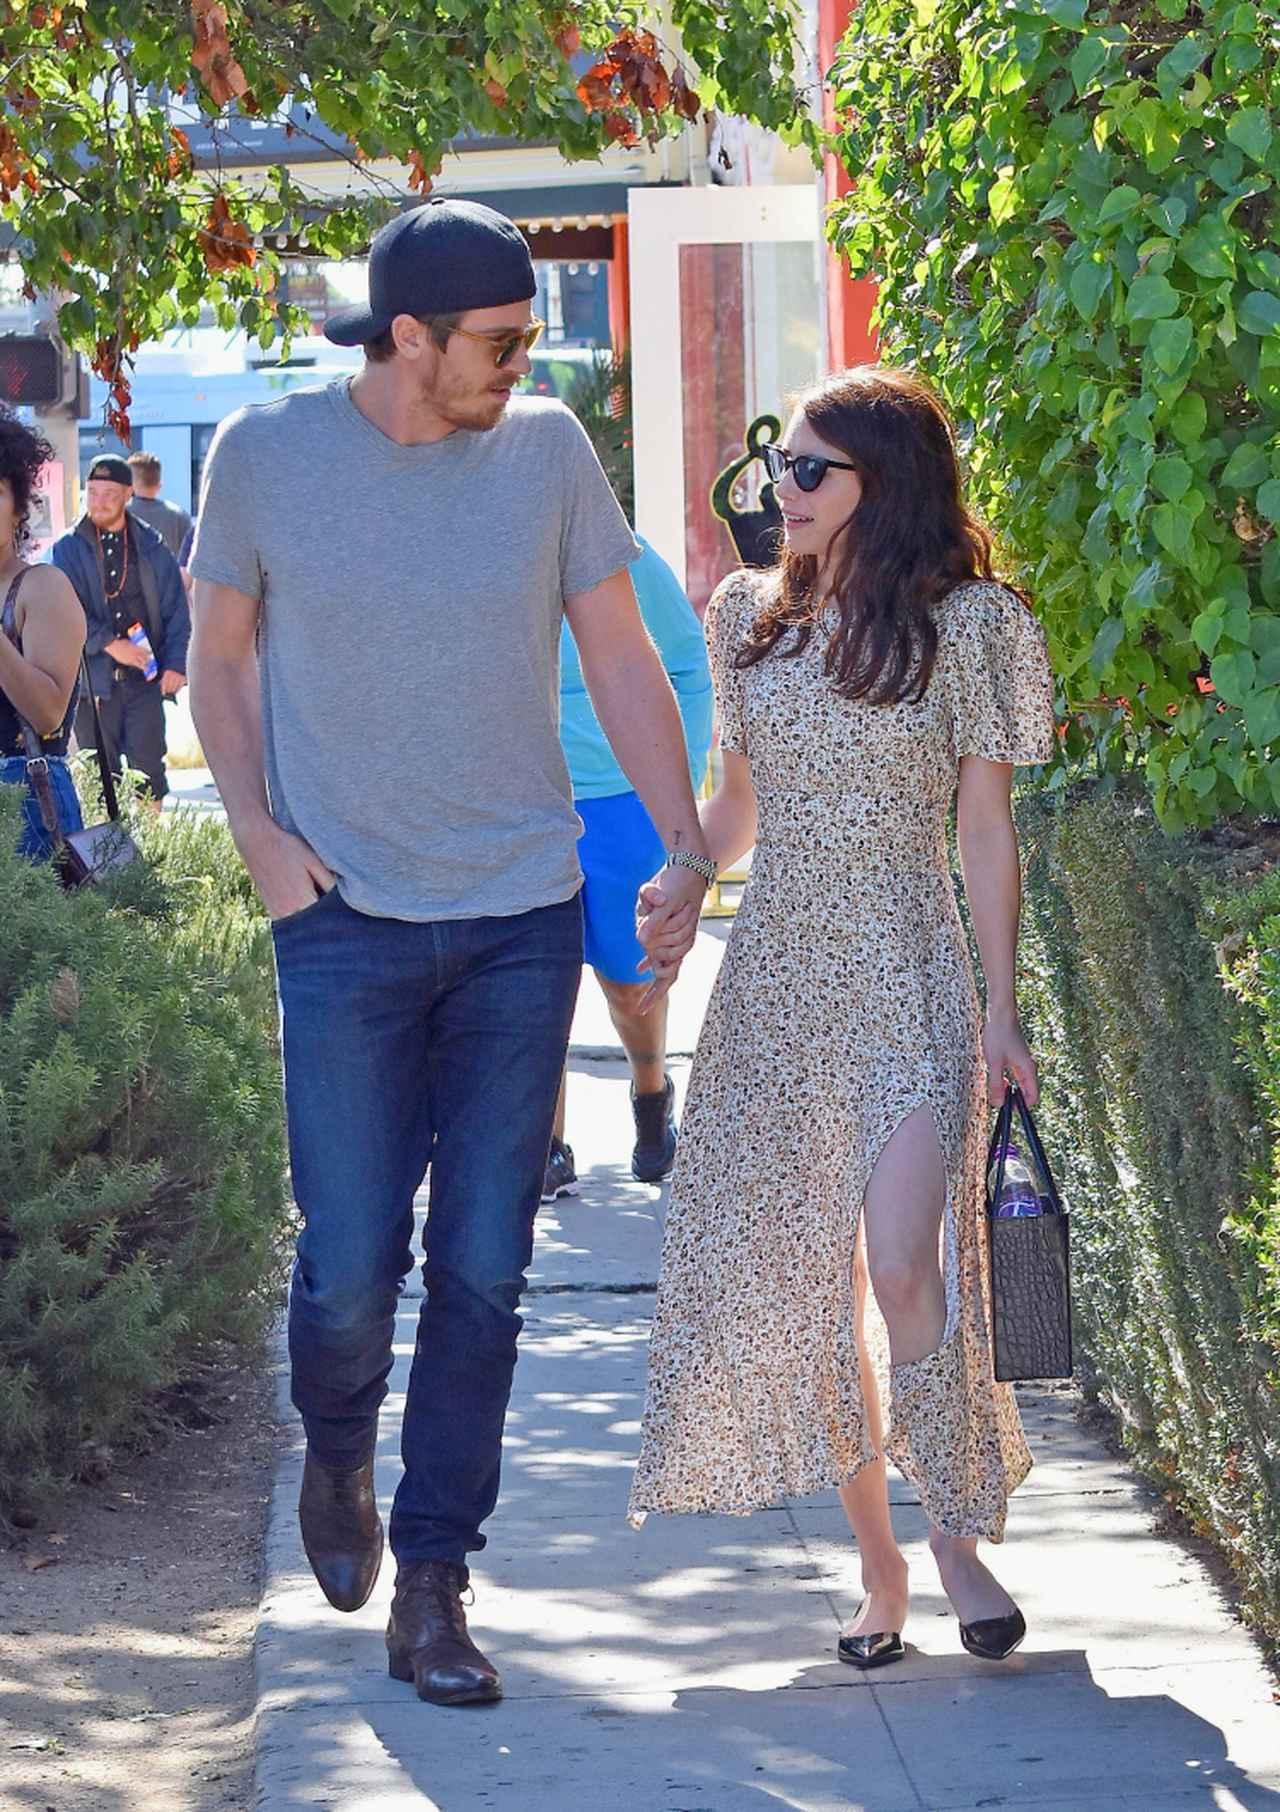 画像: 2019年8月に撮影されたギャレットとエマのデート風景。